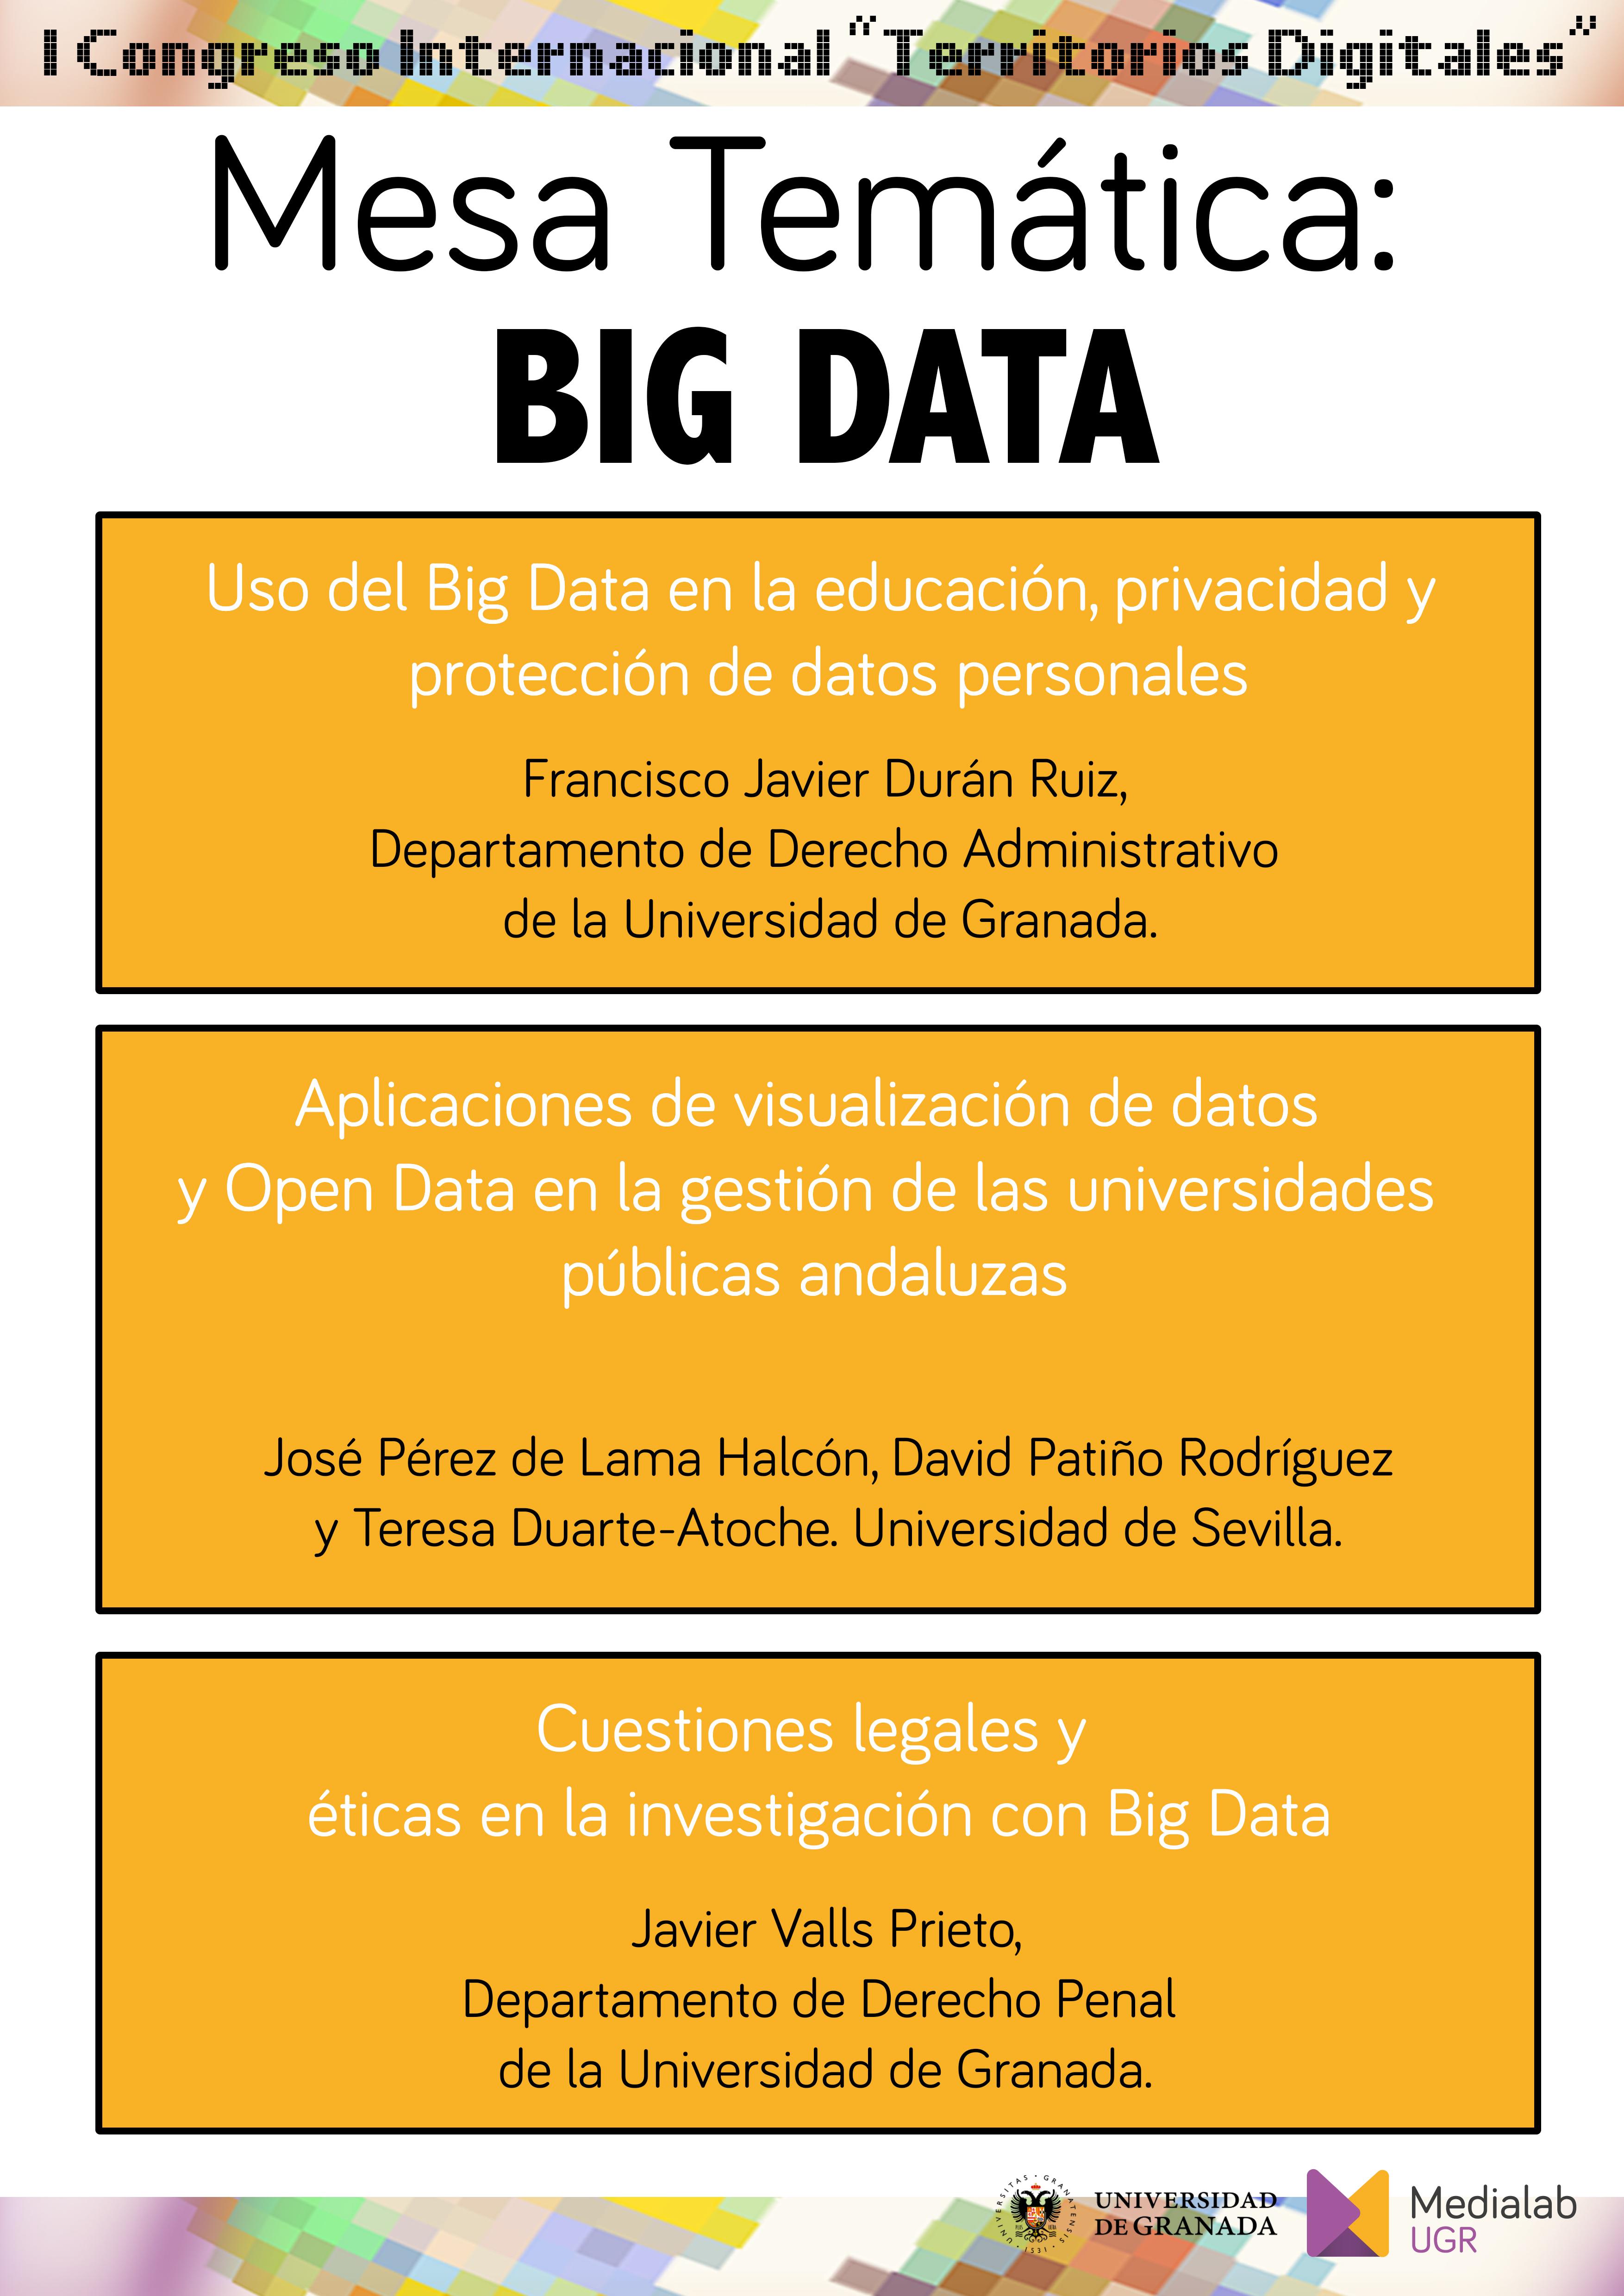 Cuestiones legales y éticas en la investigación con Big Data